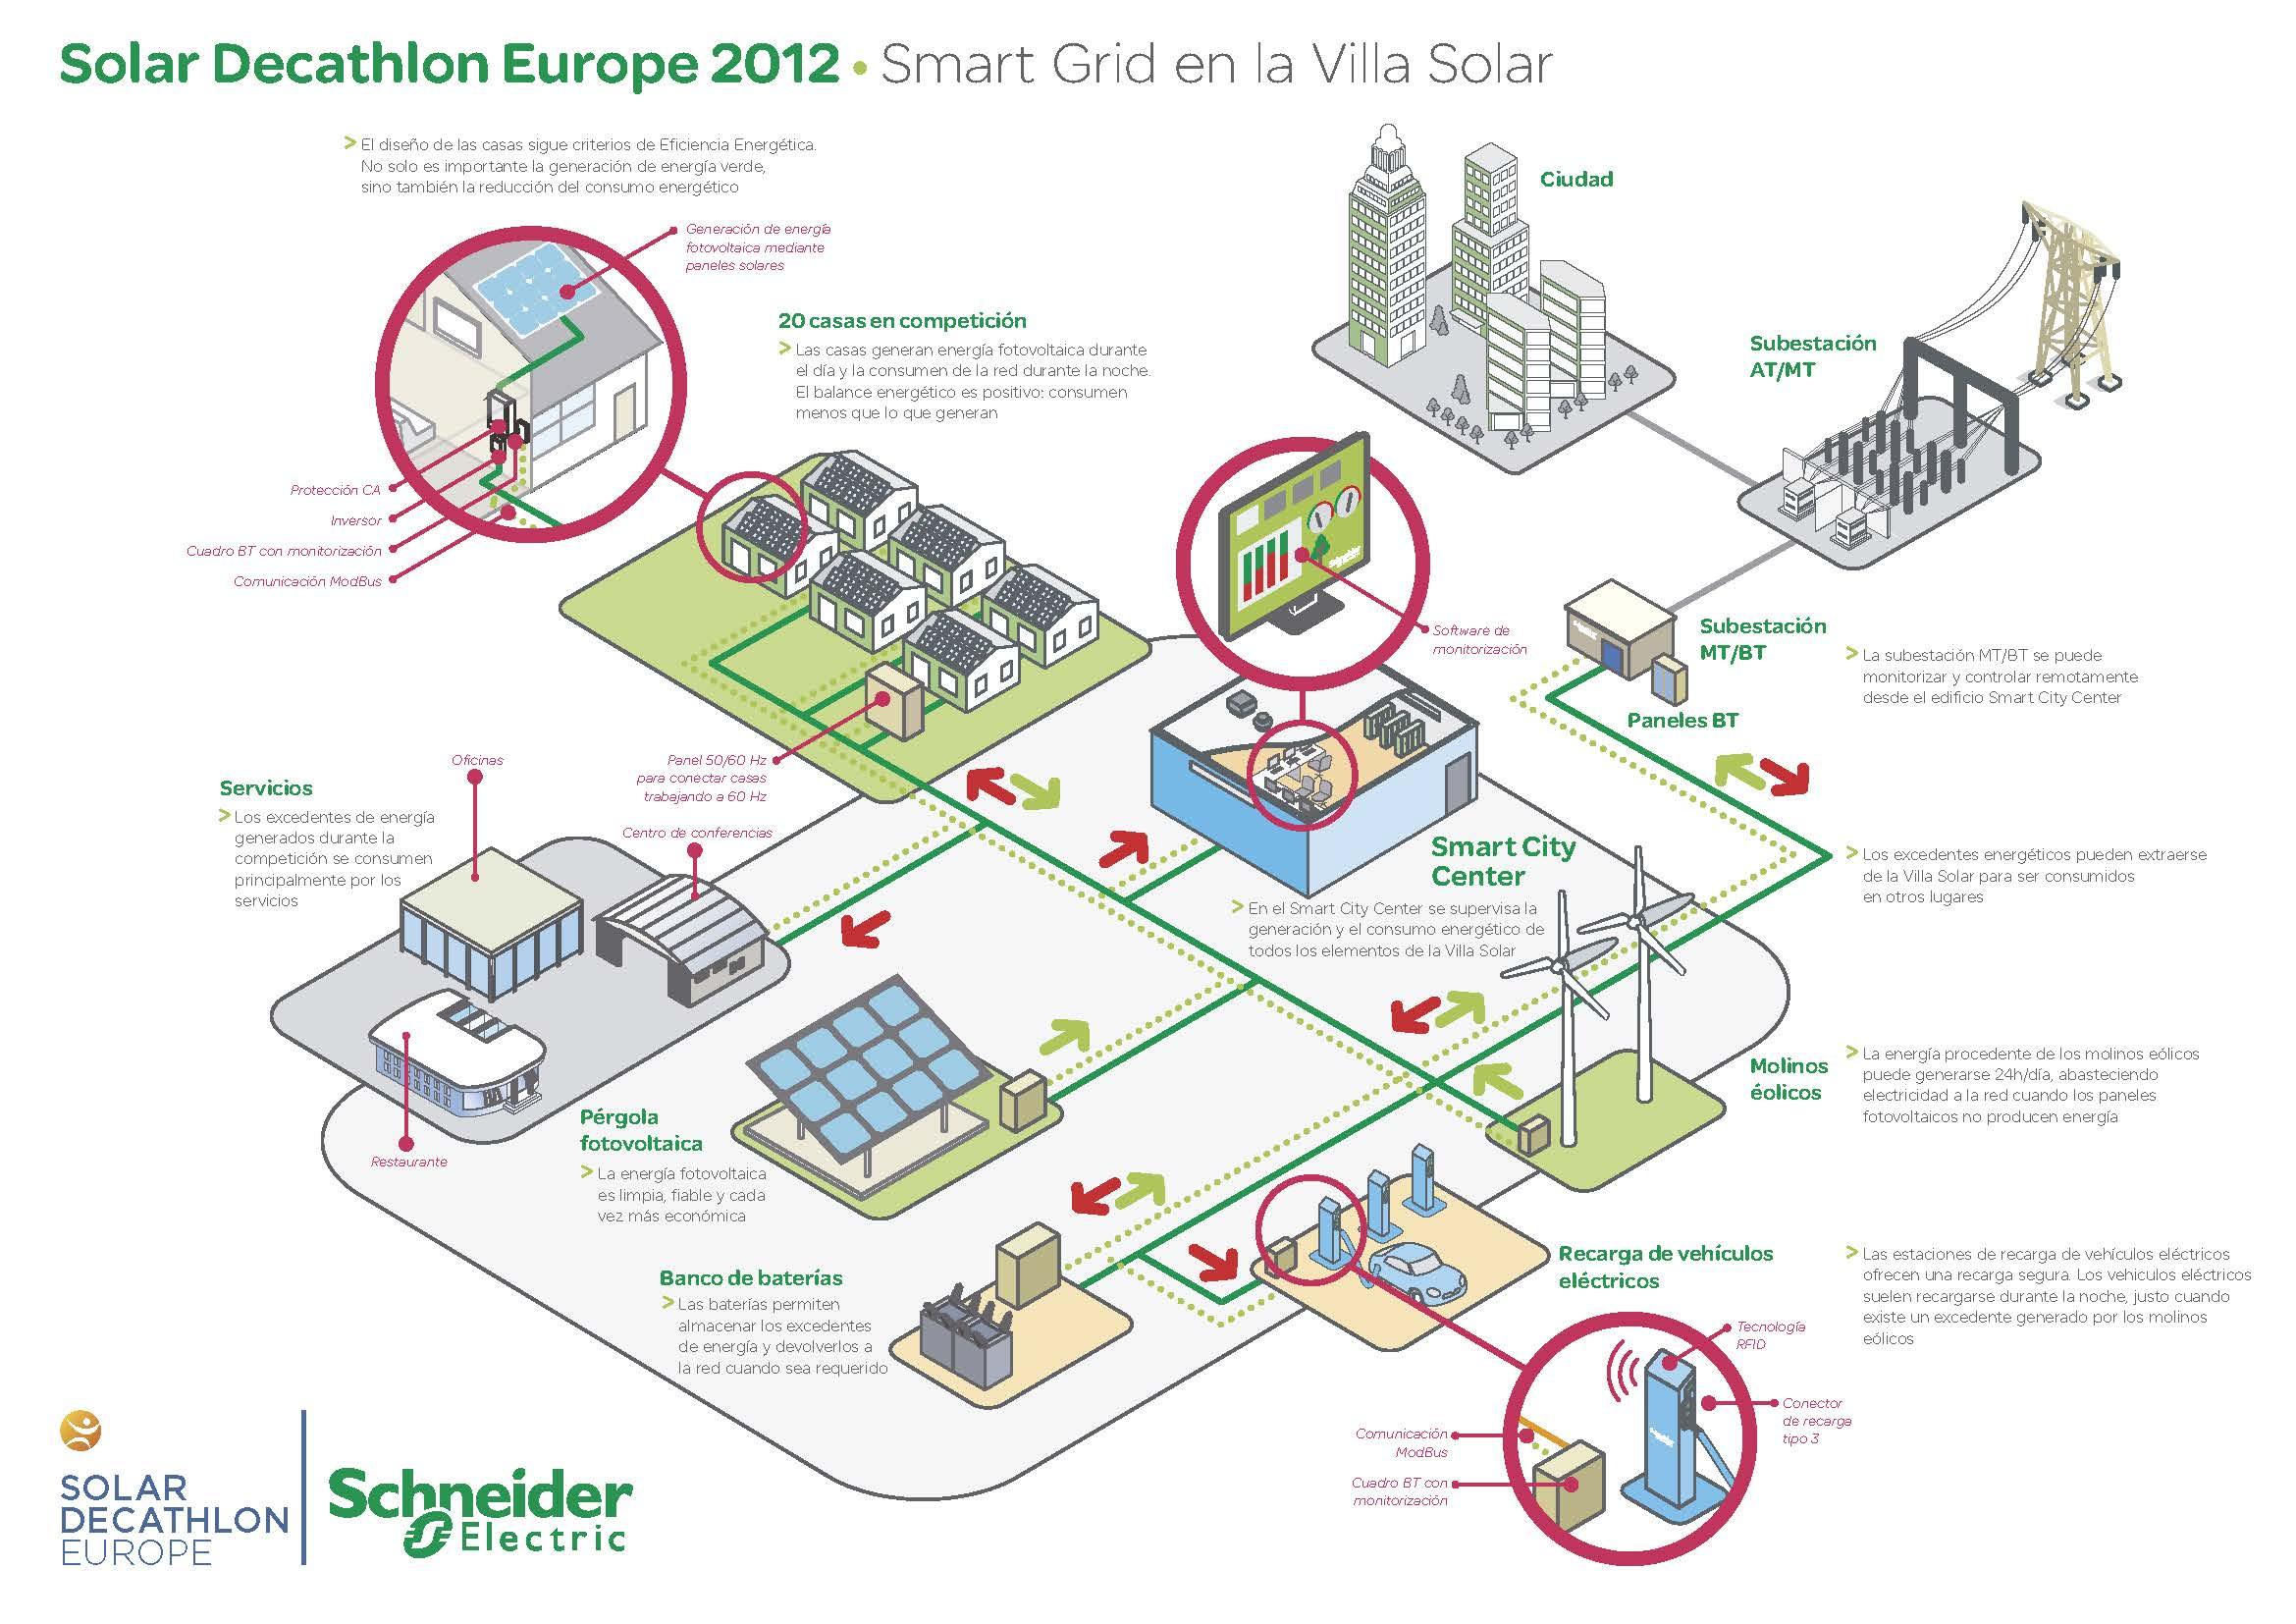 Построение систем smart grid в распределительных сетях